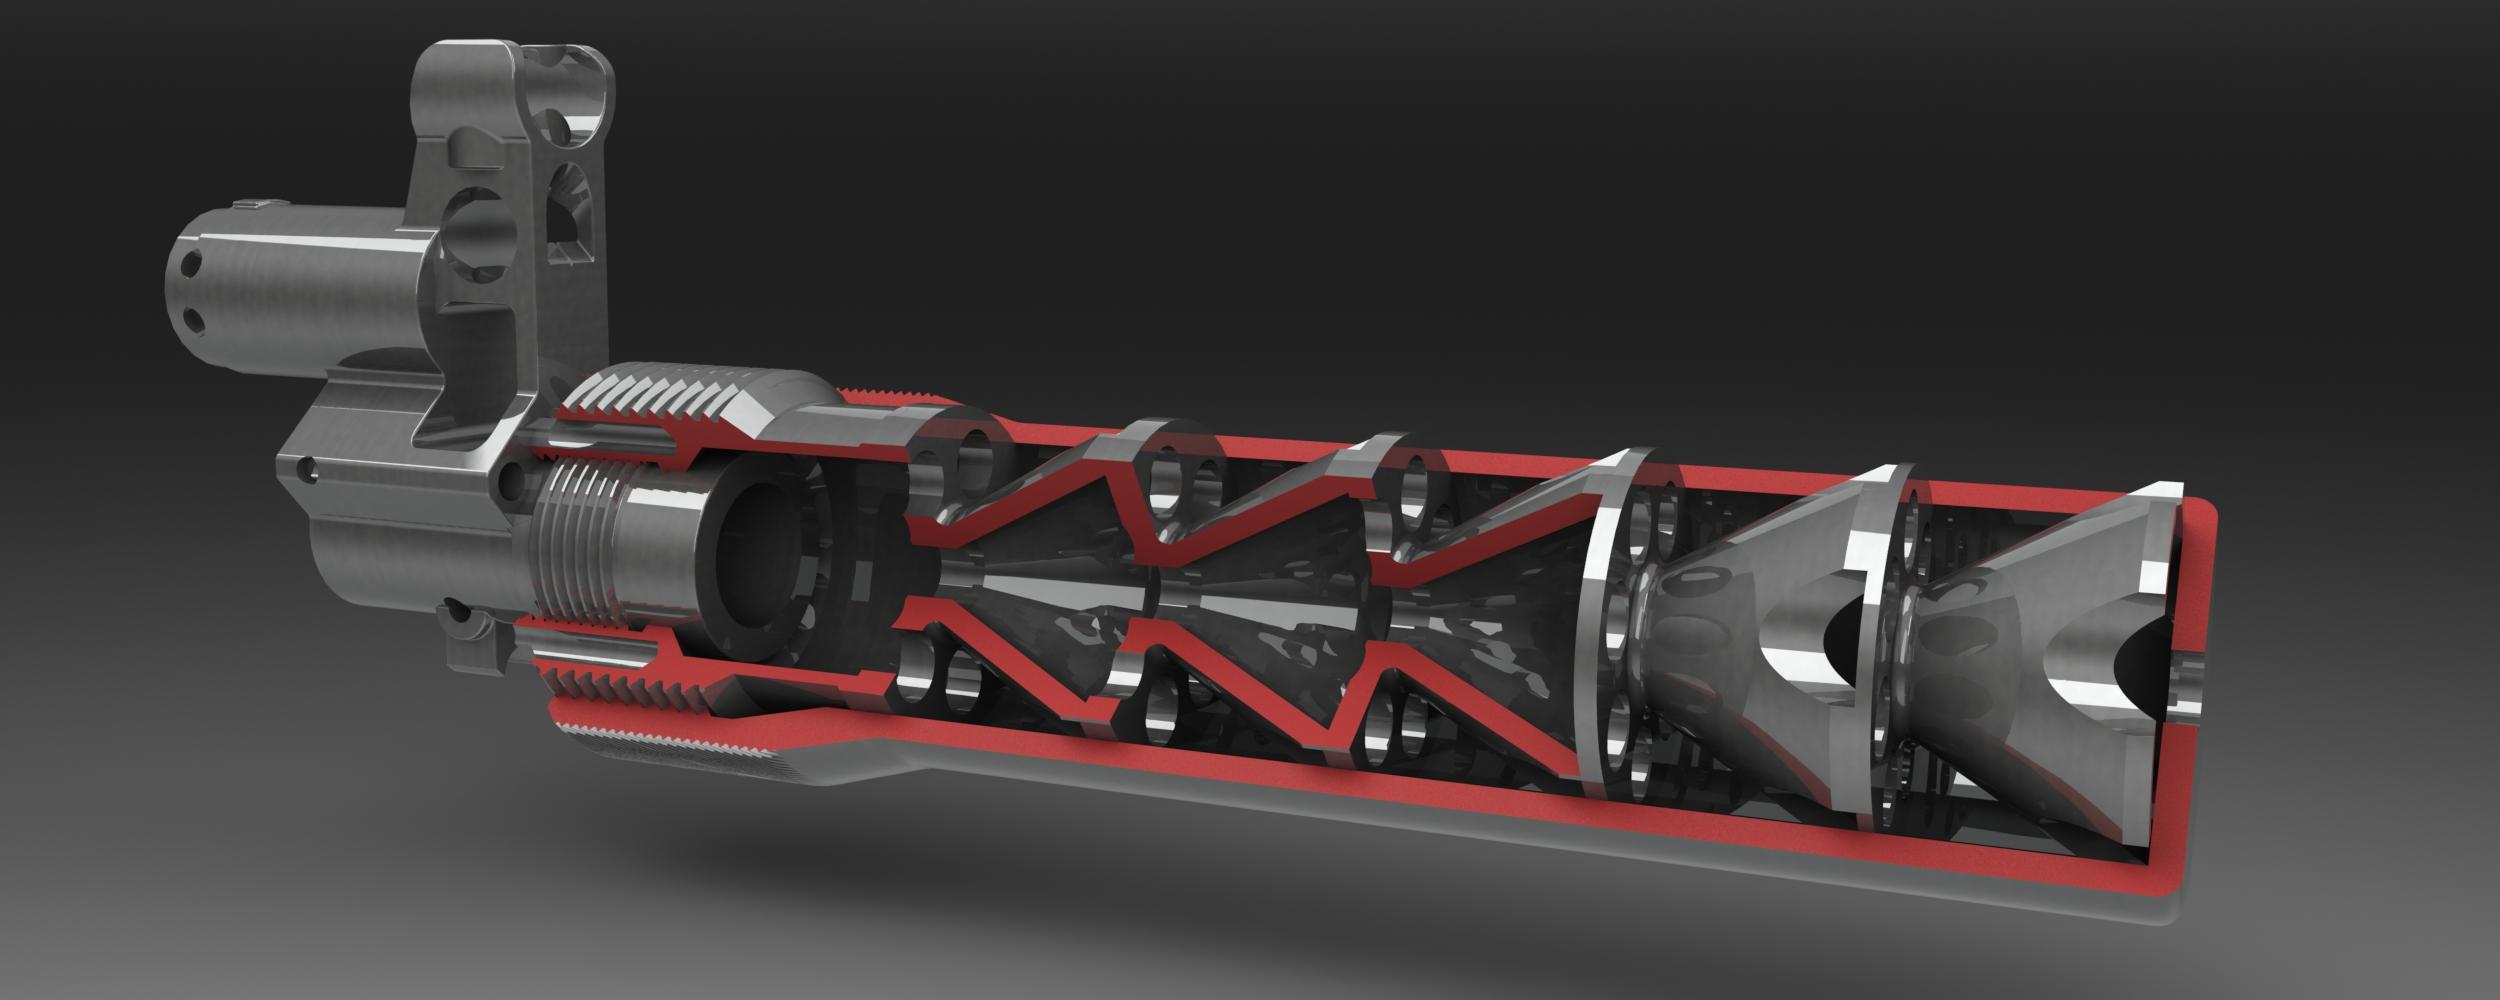 Cutaway Mk2 Silencer by UlricConnal on DeviantArt